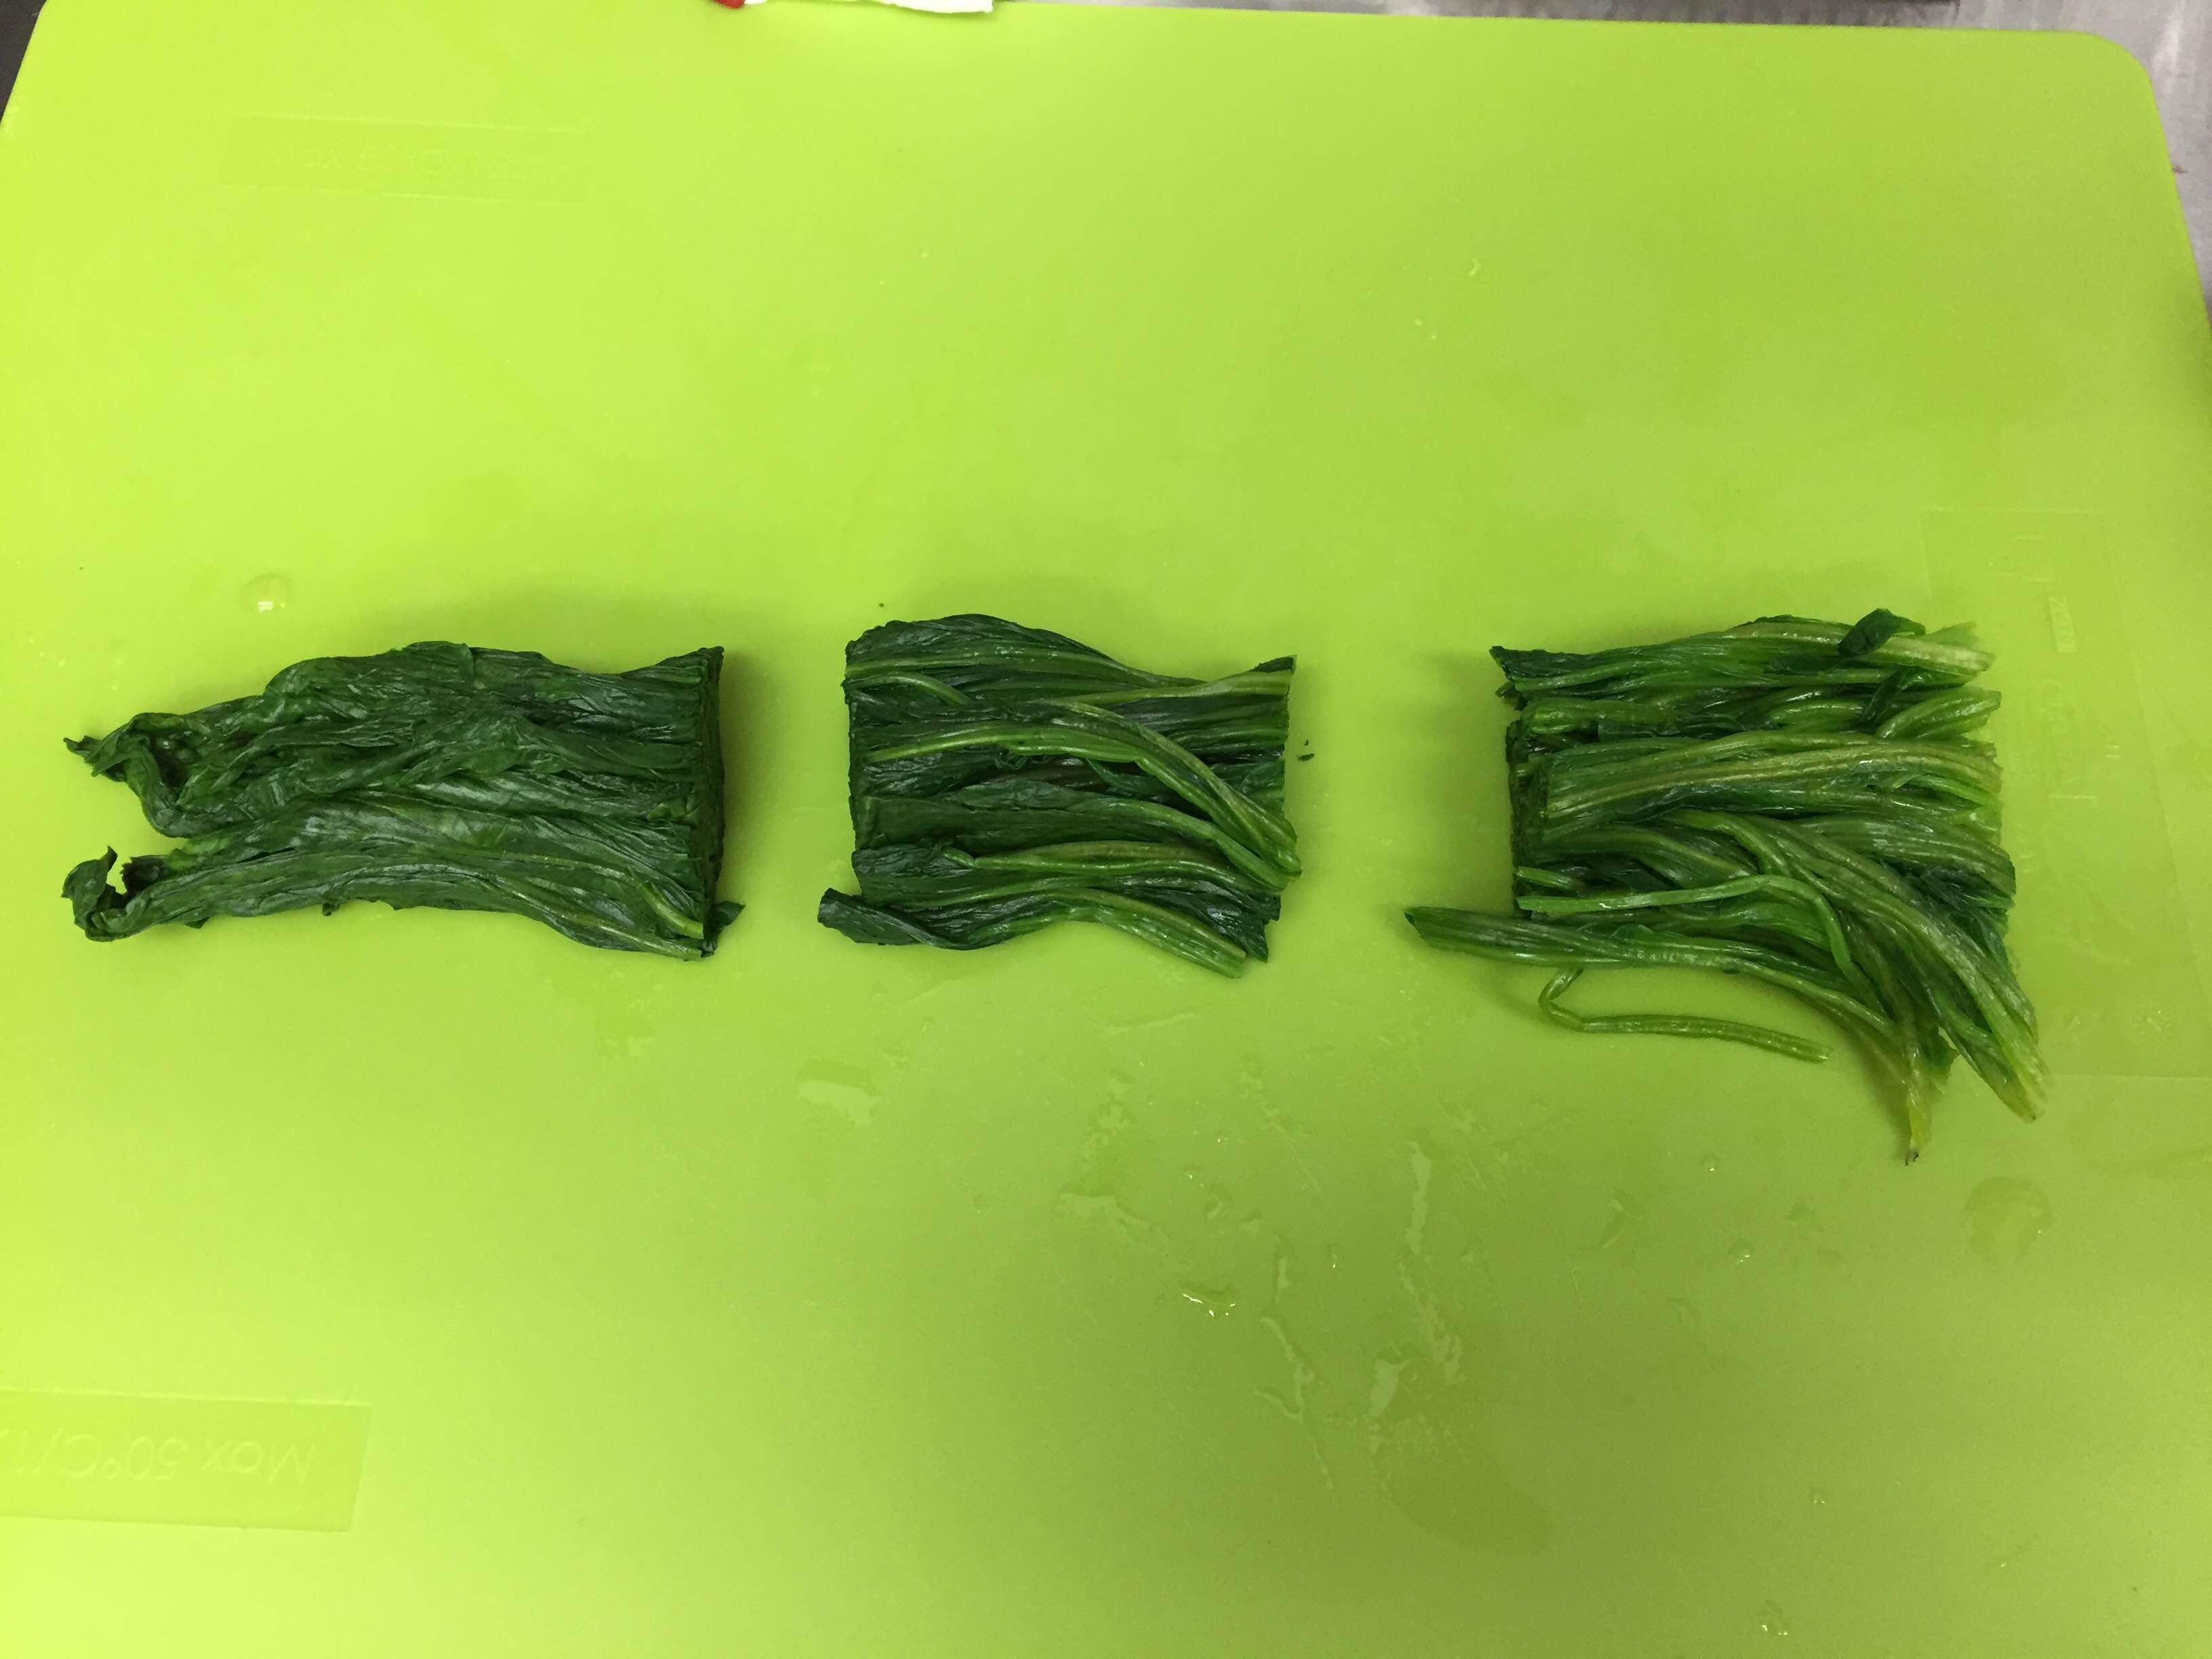 ほうれん草の冷凍保存方法